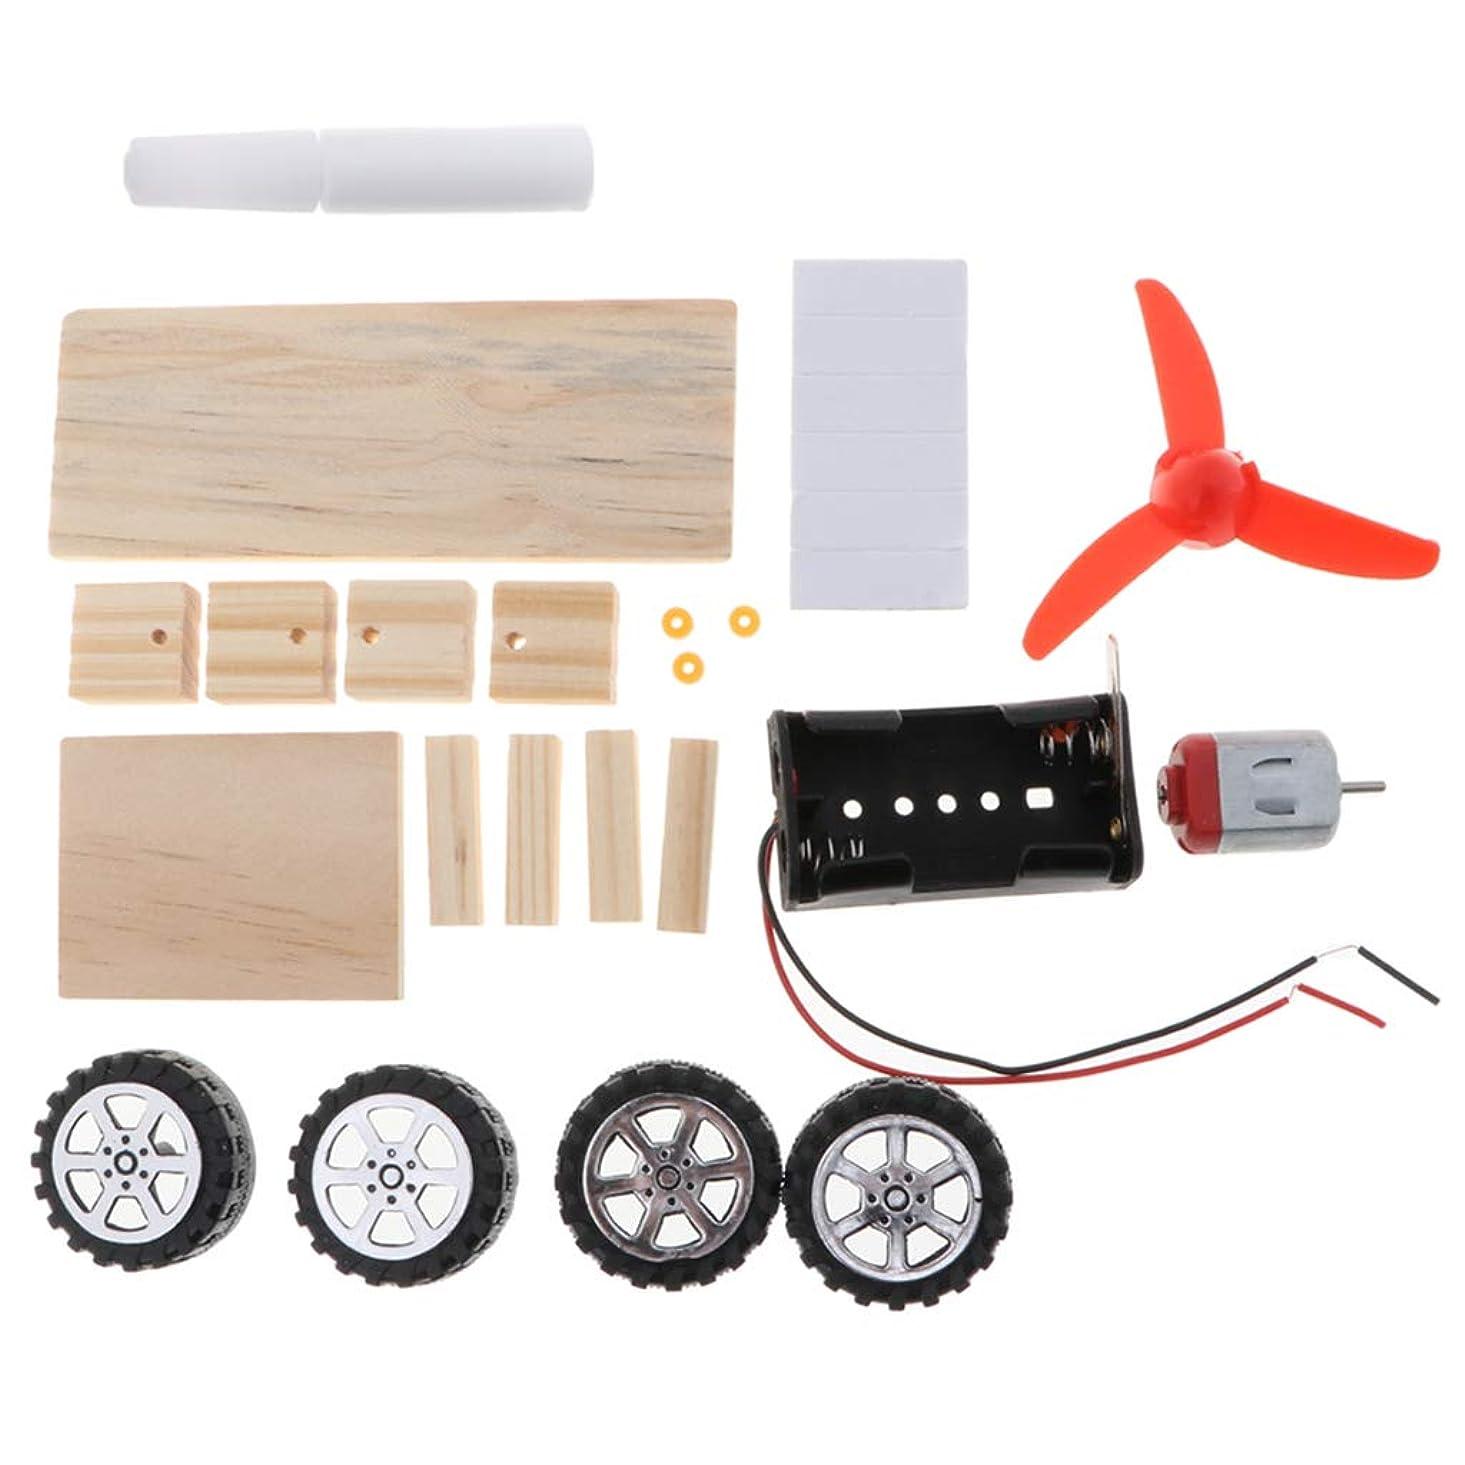 合金悪意のある迫害するCUTICATE DIY 風力車モデル ミニ風車モデル キット 学校物理学科学 ステム教育玩具